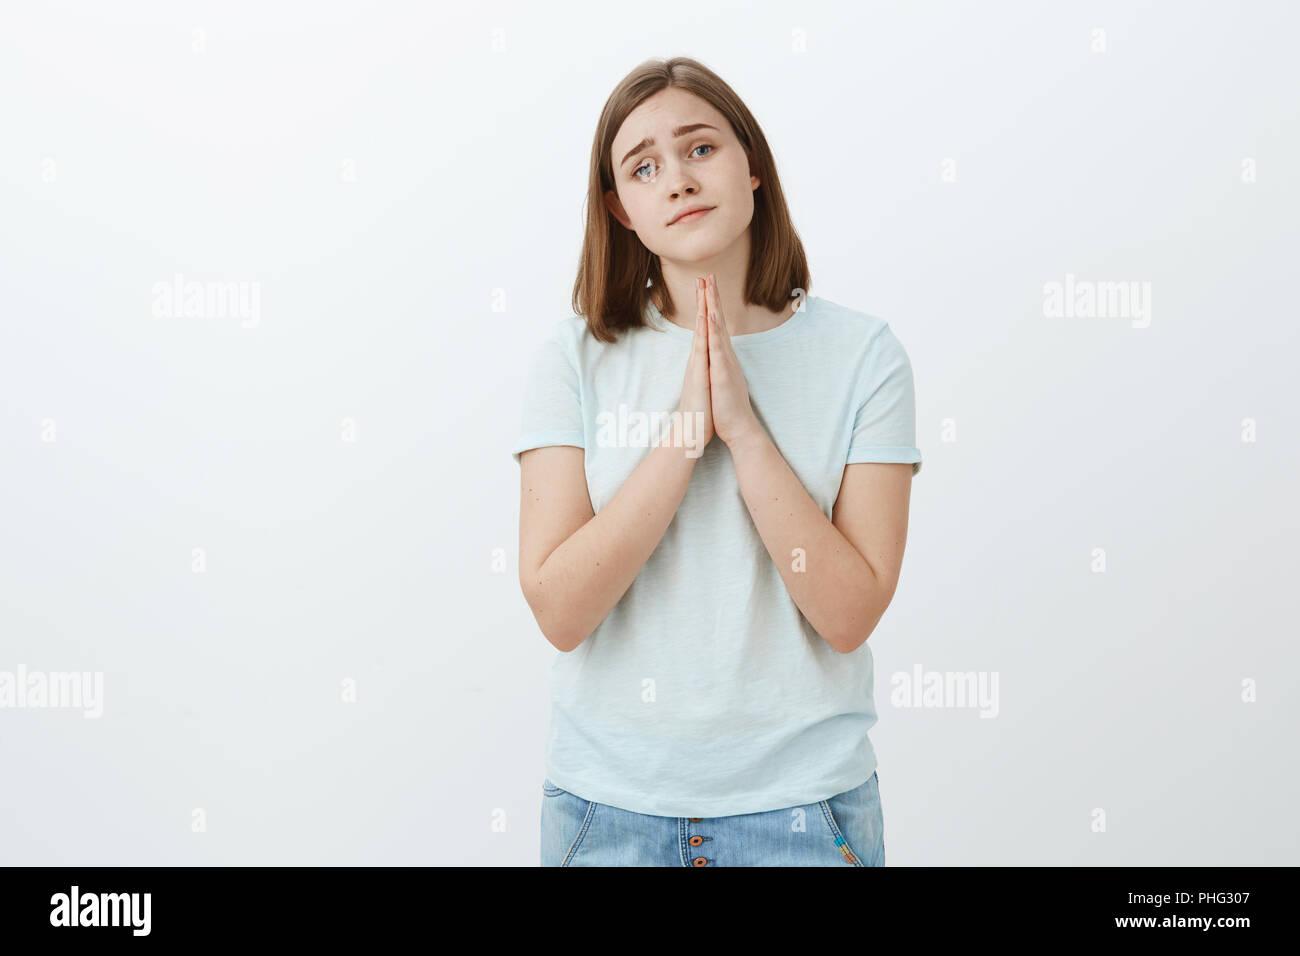 ed185640efcd La ragazza ha veramente bisogno di aiuto chiedendo con graziosi angel face.  Gara e attraente